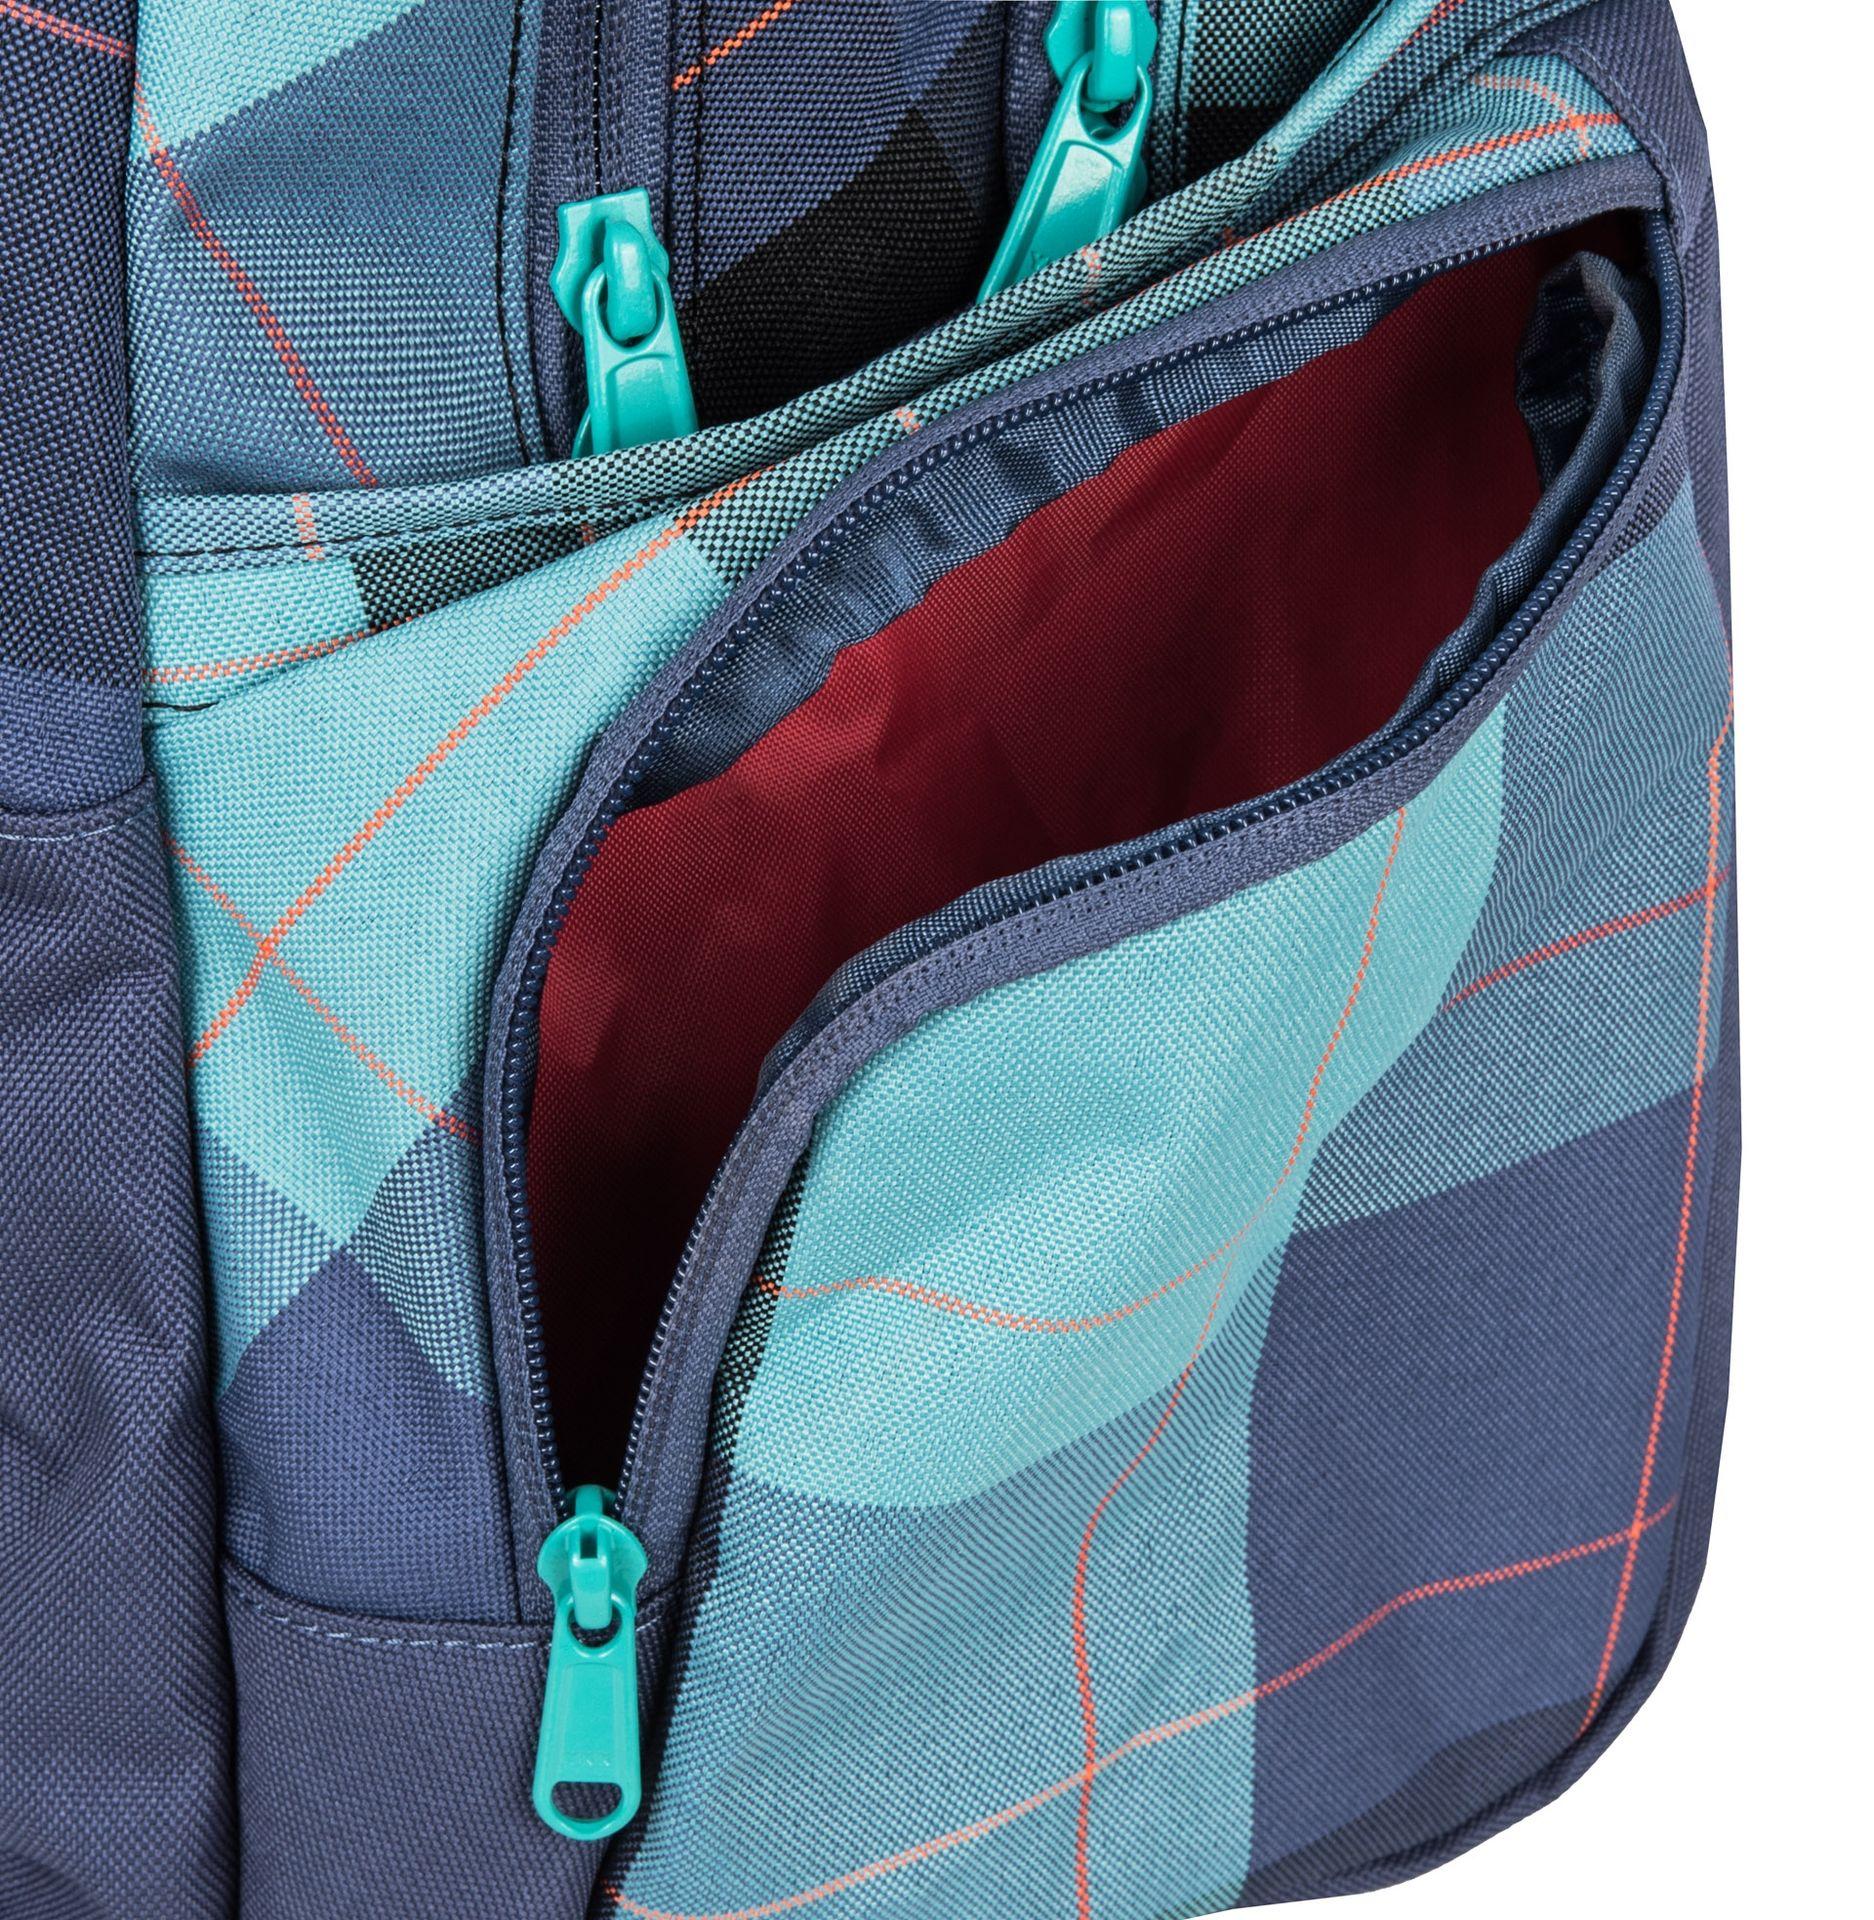 Dakine Otis 30L Aquamarine Pre všetky dievčatá, čo so sebou nosia veľa vecí do školy aj vo voľnom čase, je ideálny Dakine Otis.  - 2 hlavné priestory - vrecko na notebook až do 15